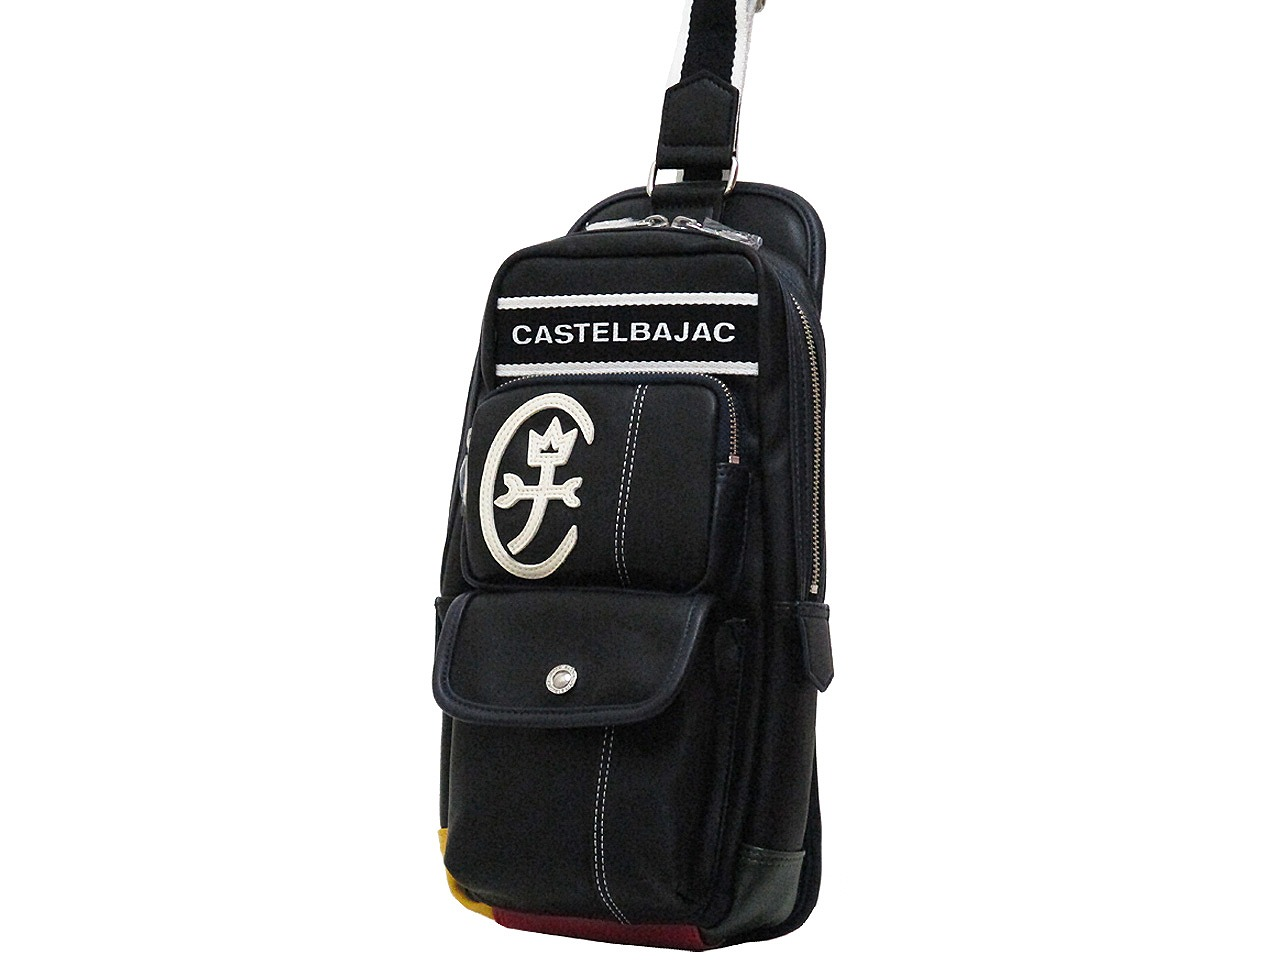 CASTELBAJAC カステルバジャック ドミネ 着後レビューで 送料無料 タイムセール ワンショルダー 024911 ボディバッグ